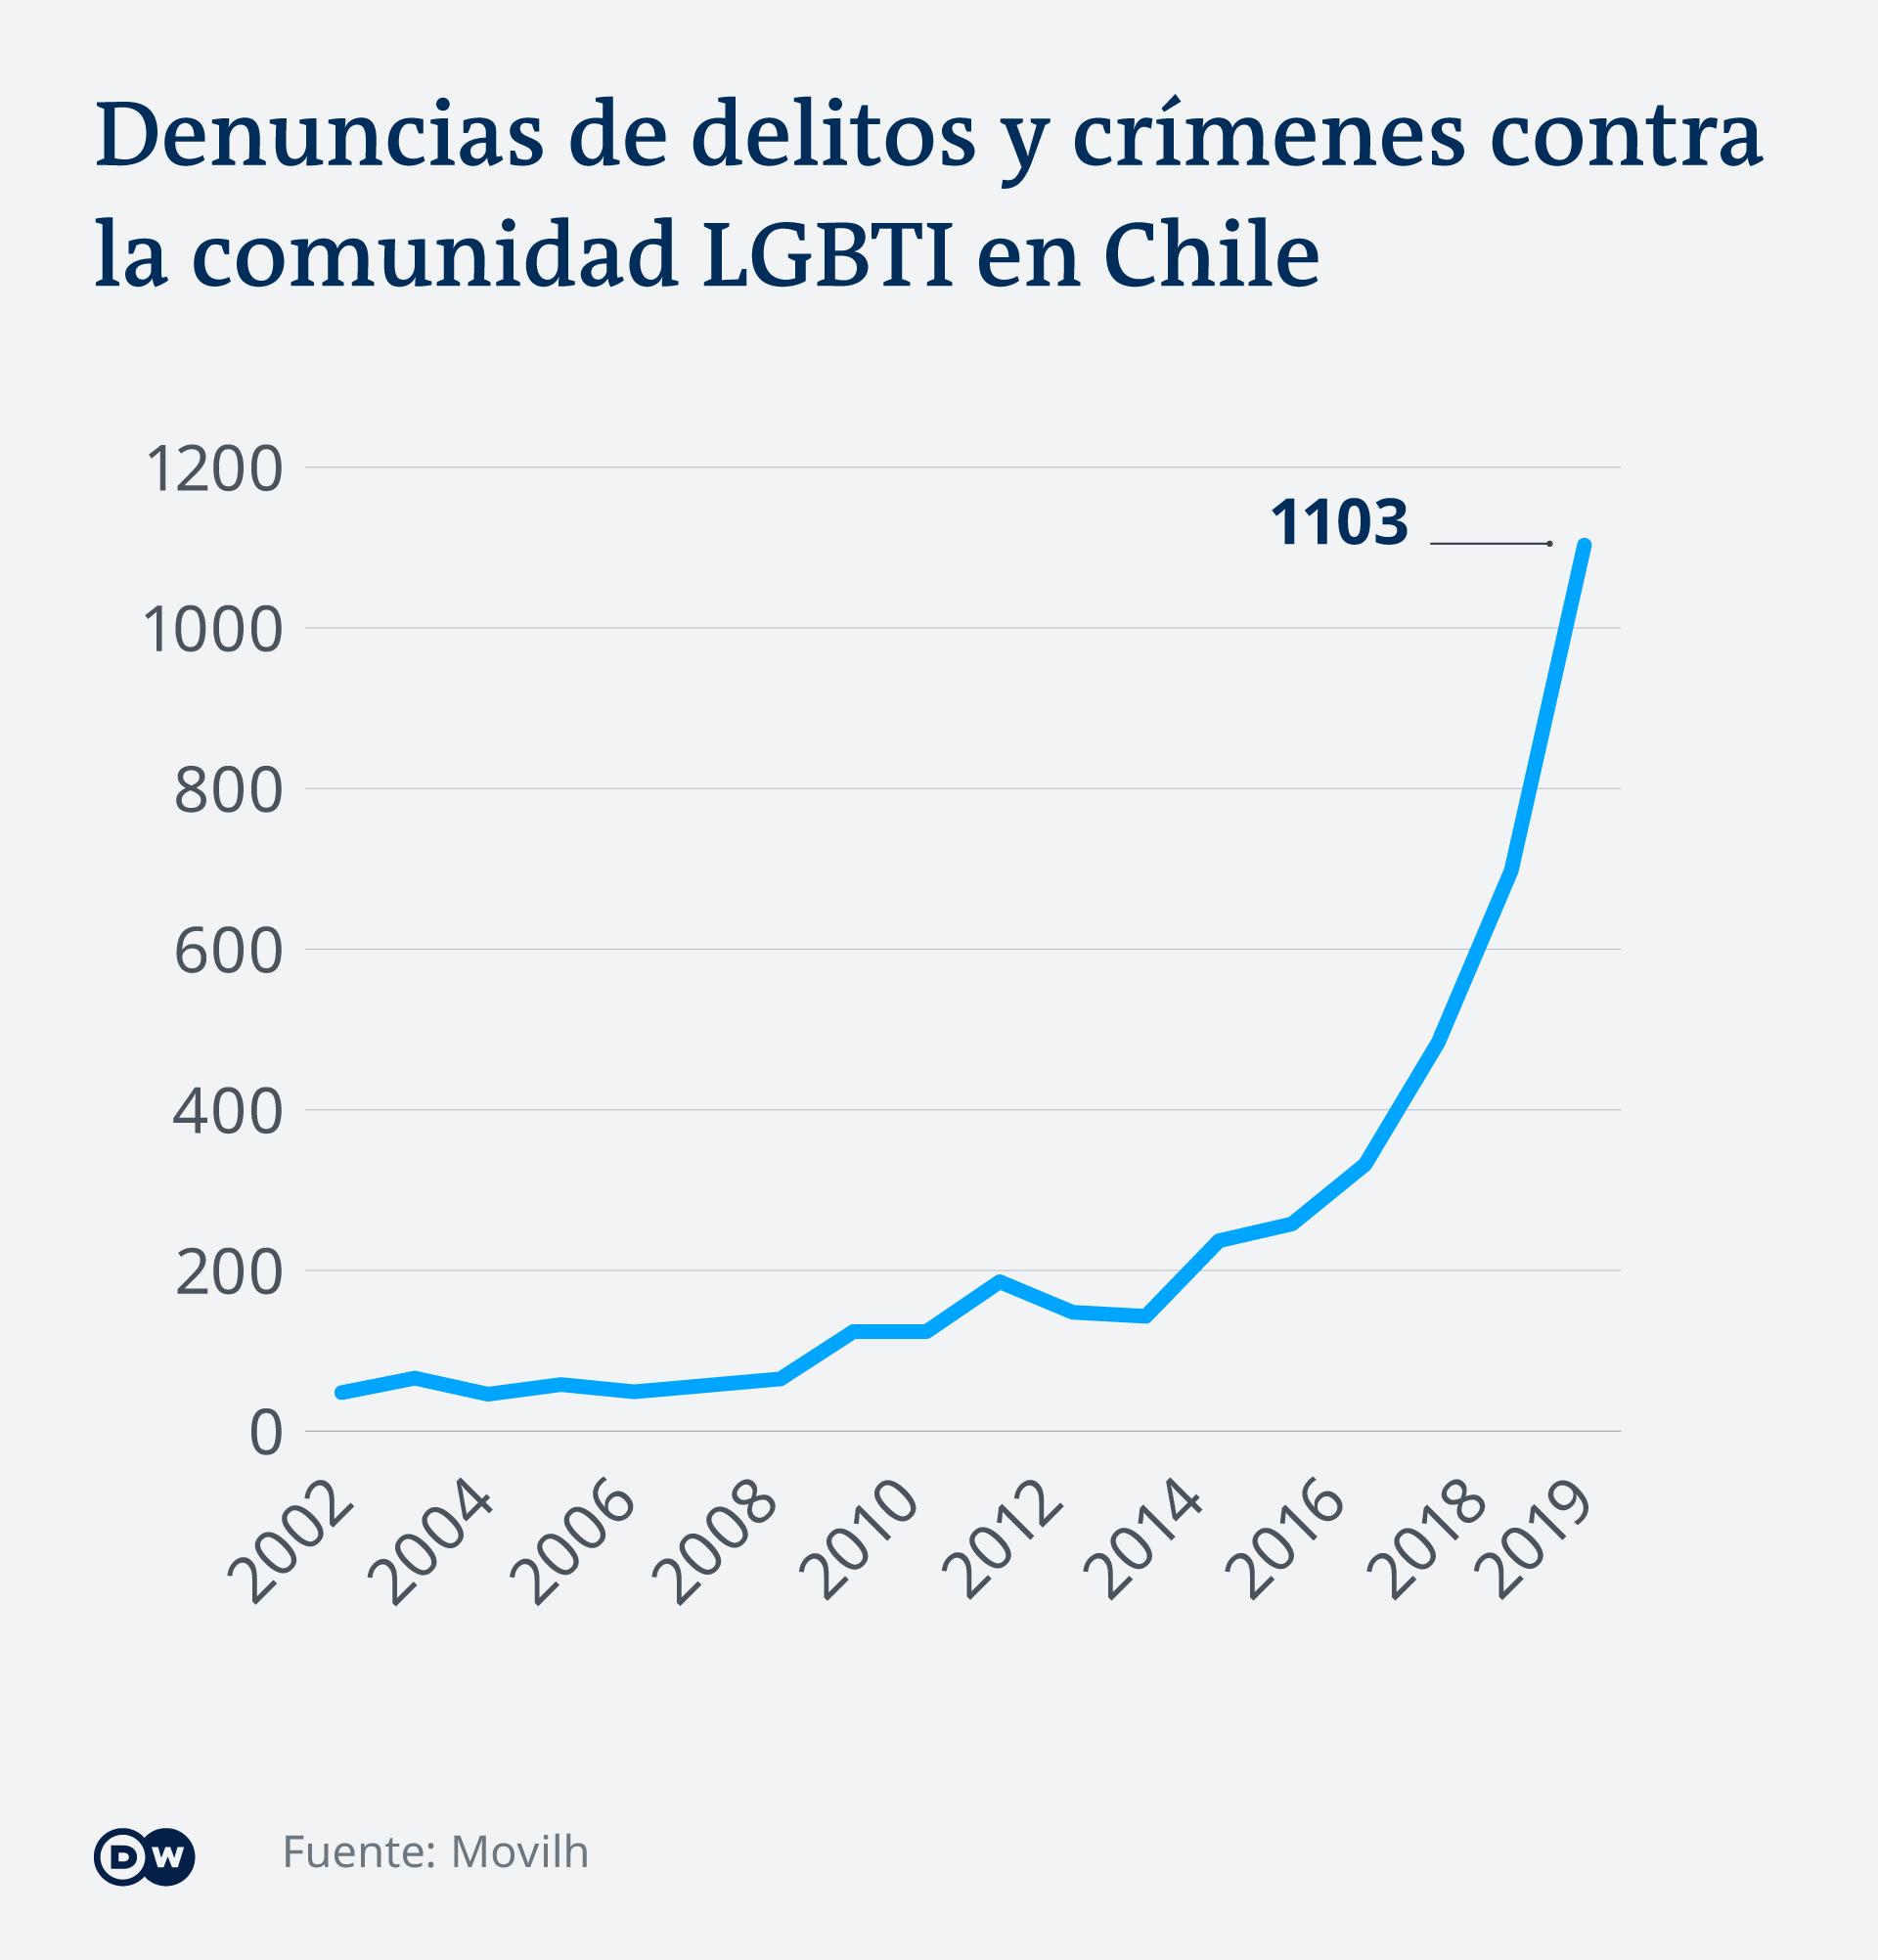 Pese a los avances legales, las denuncias de crímenes contra la comunidad LGBTI no han dejado de crecer en los últimos años